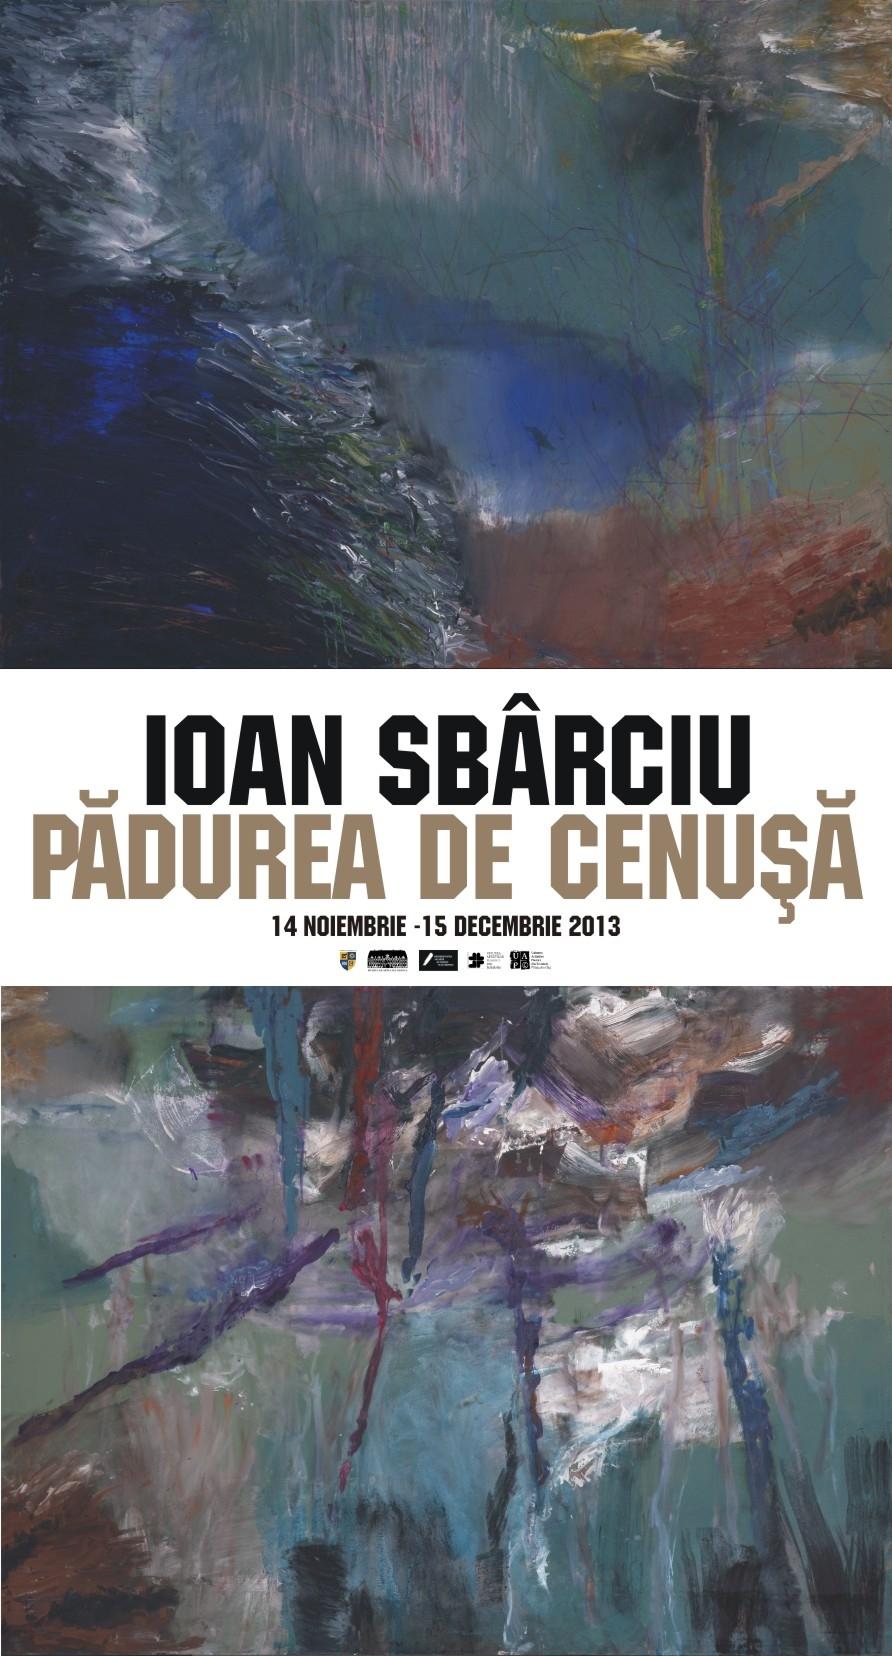 """Ioan Sbârciu, """"Pădurea de cenuşă"""" @ Muzeul de Artă Cluj-Napoca"""